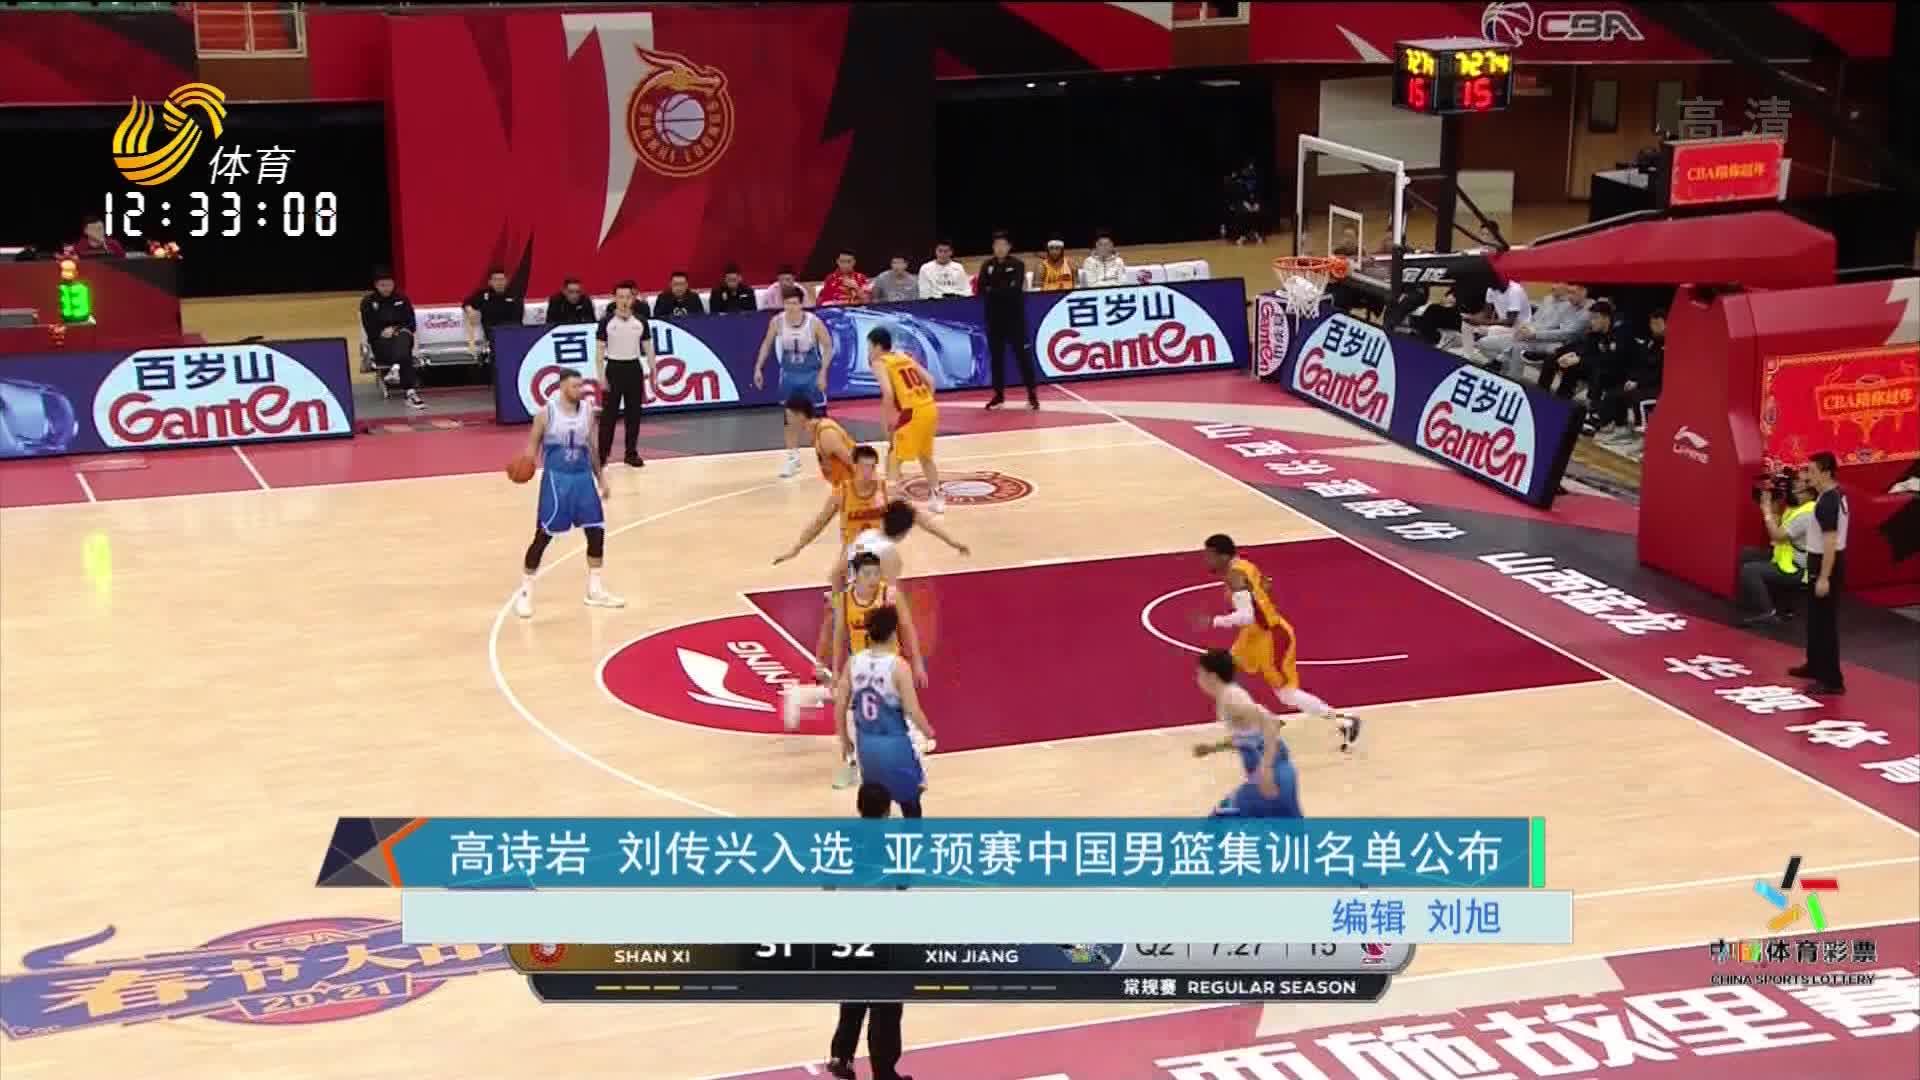 高诗岩 刘传兴入选 亚预赛中国男篮集训名单公布